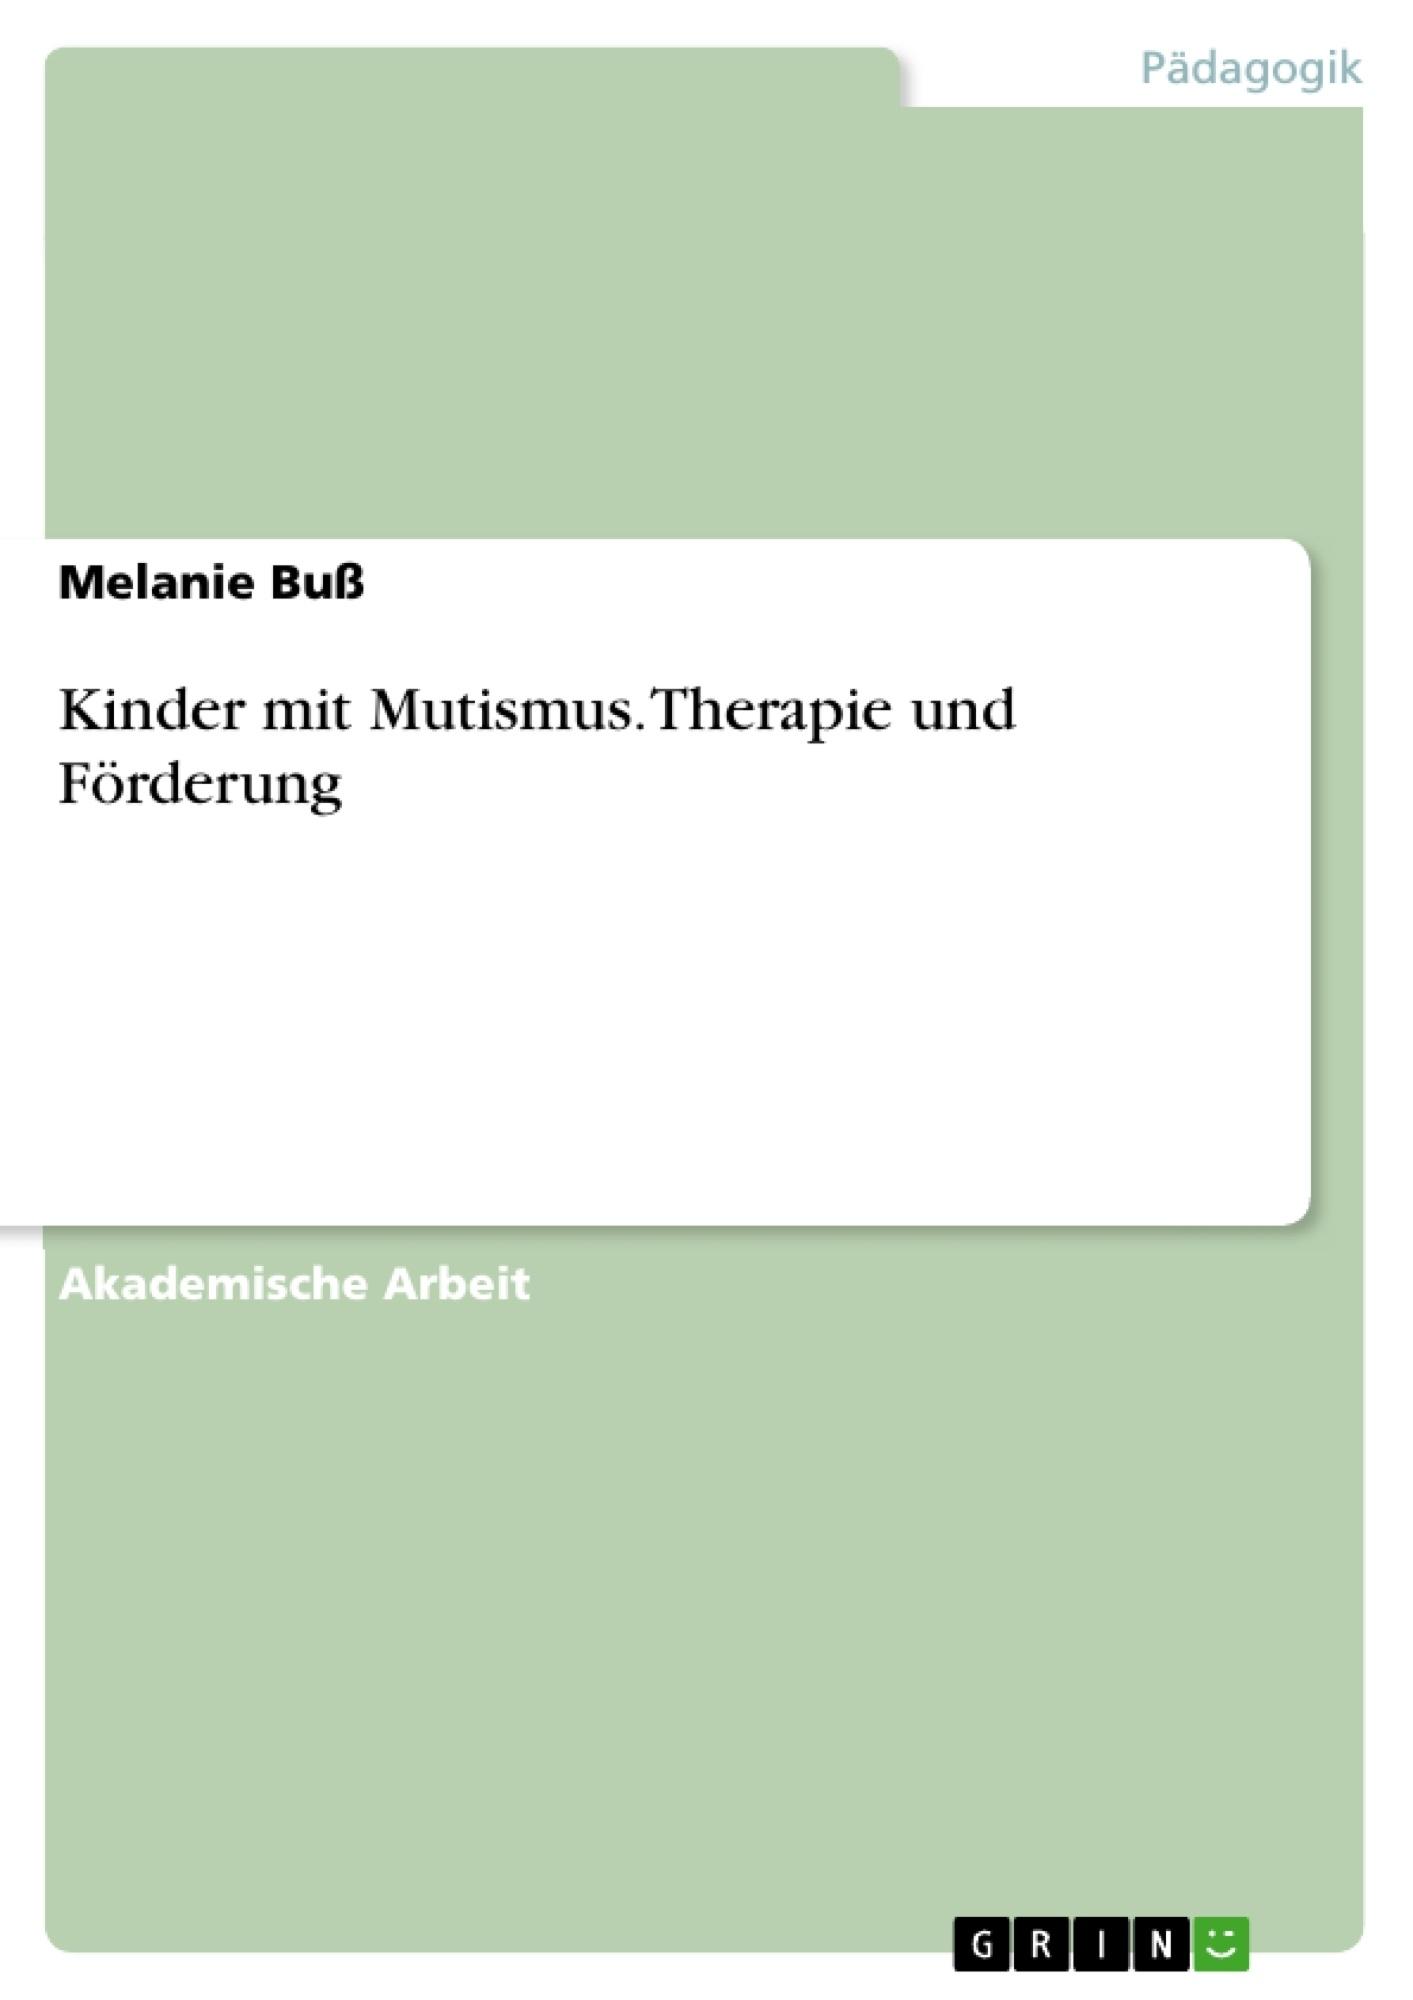 Titel: Kinder mit Mutismus. Therapie und Förderung